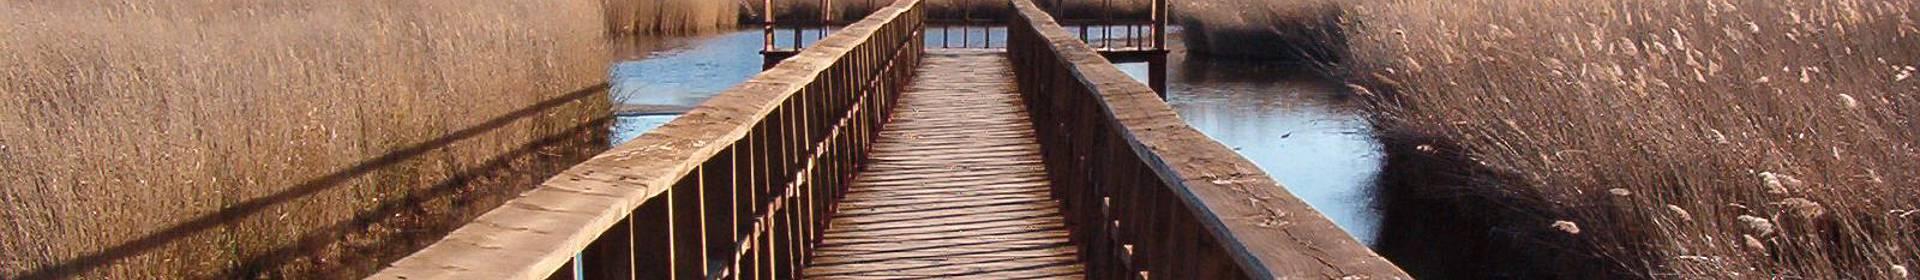 Parc National de Las Tablas de Daimiel